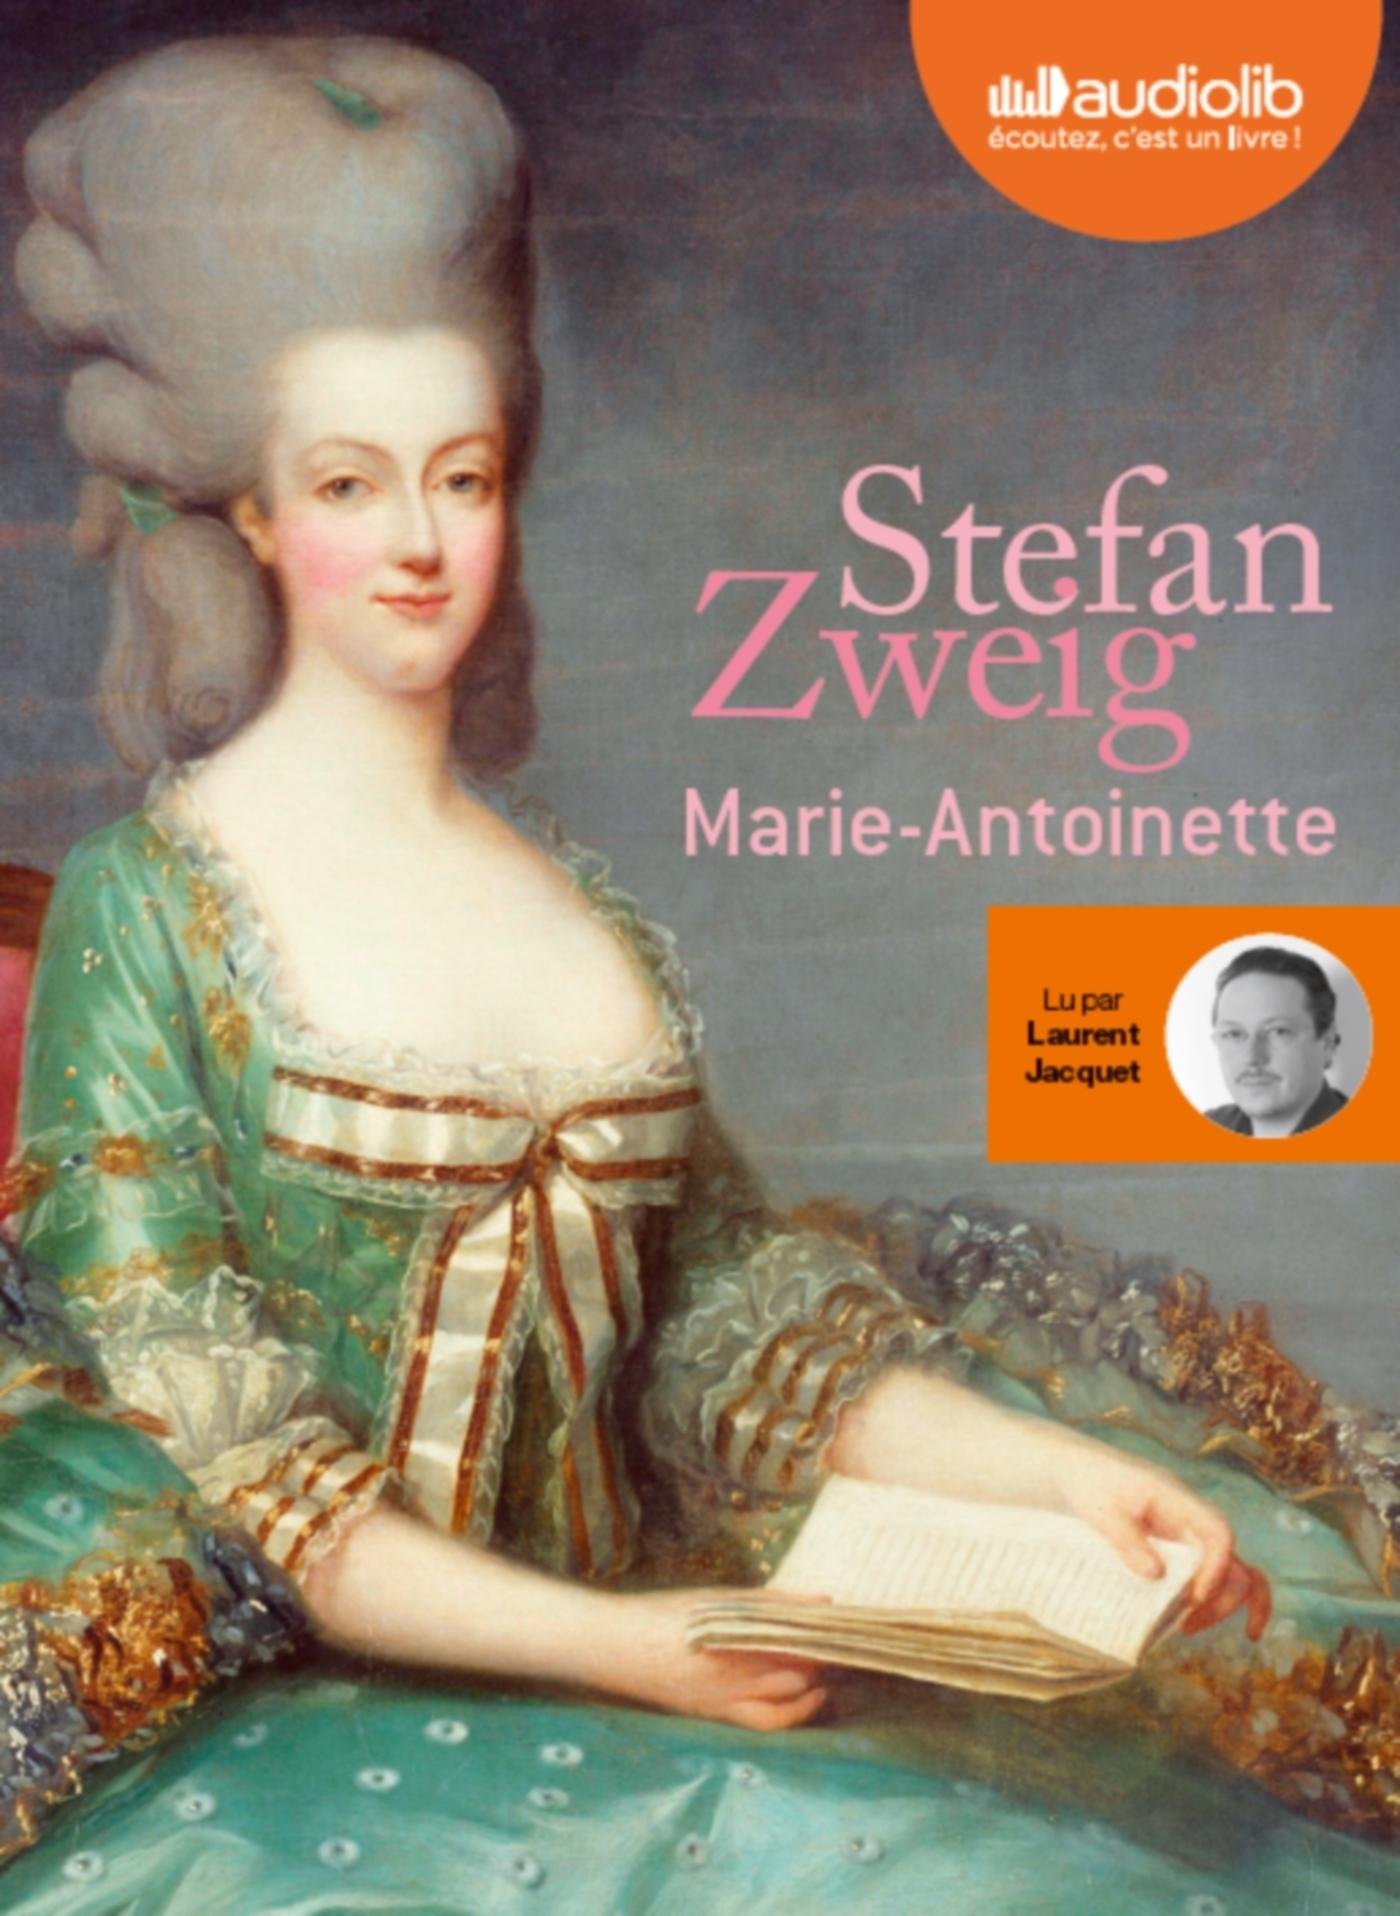 MARIE-ANTOINETTE - LIVRE AUDIO 2CD MP3